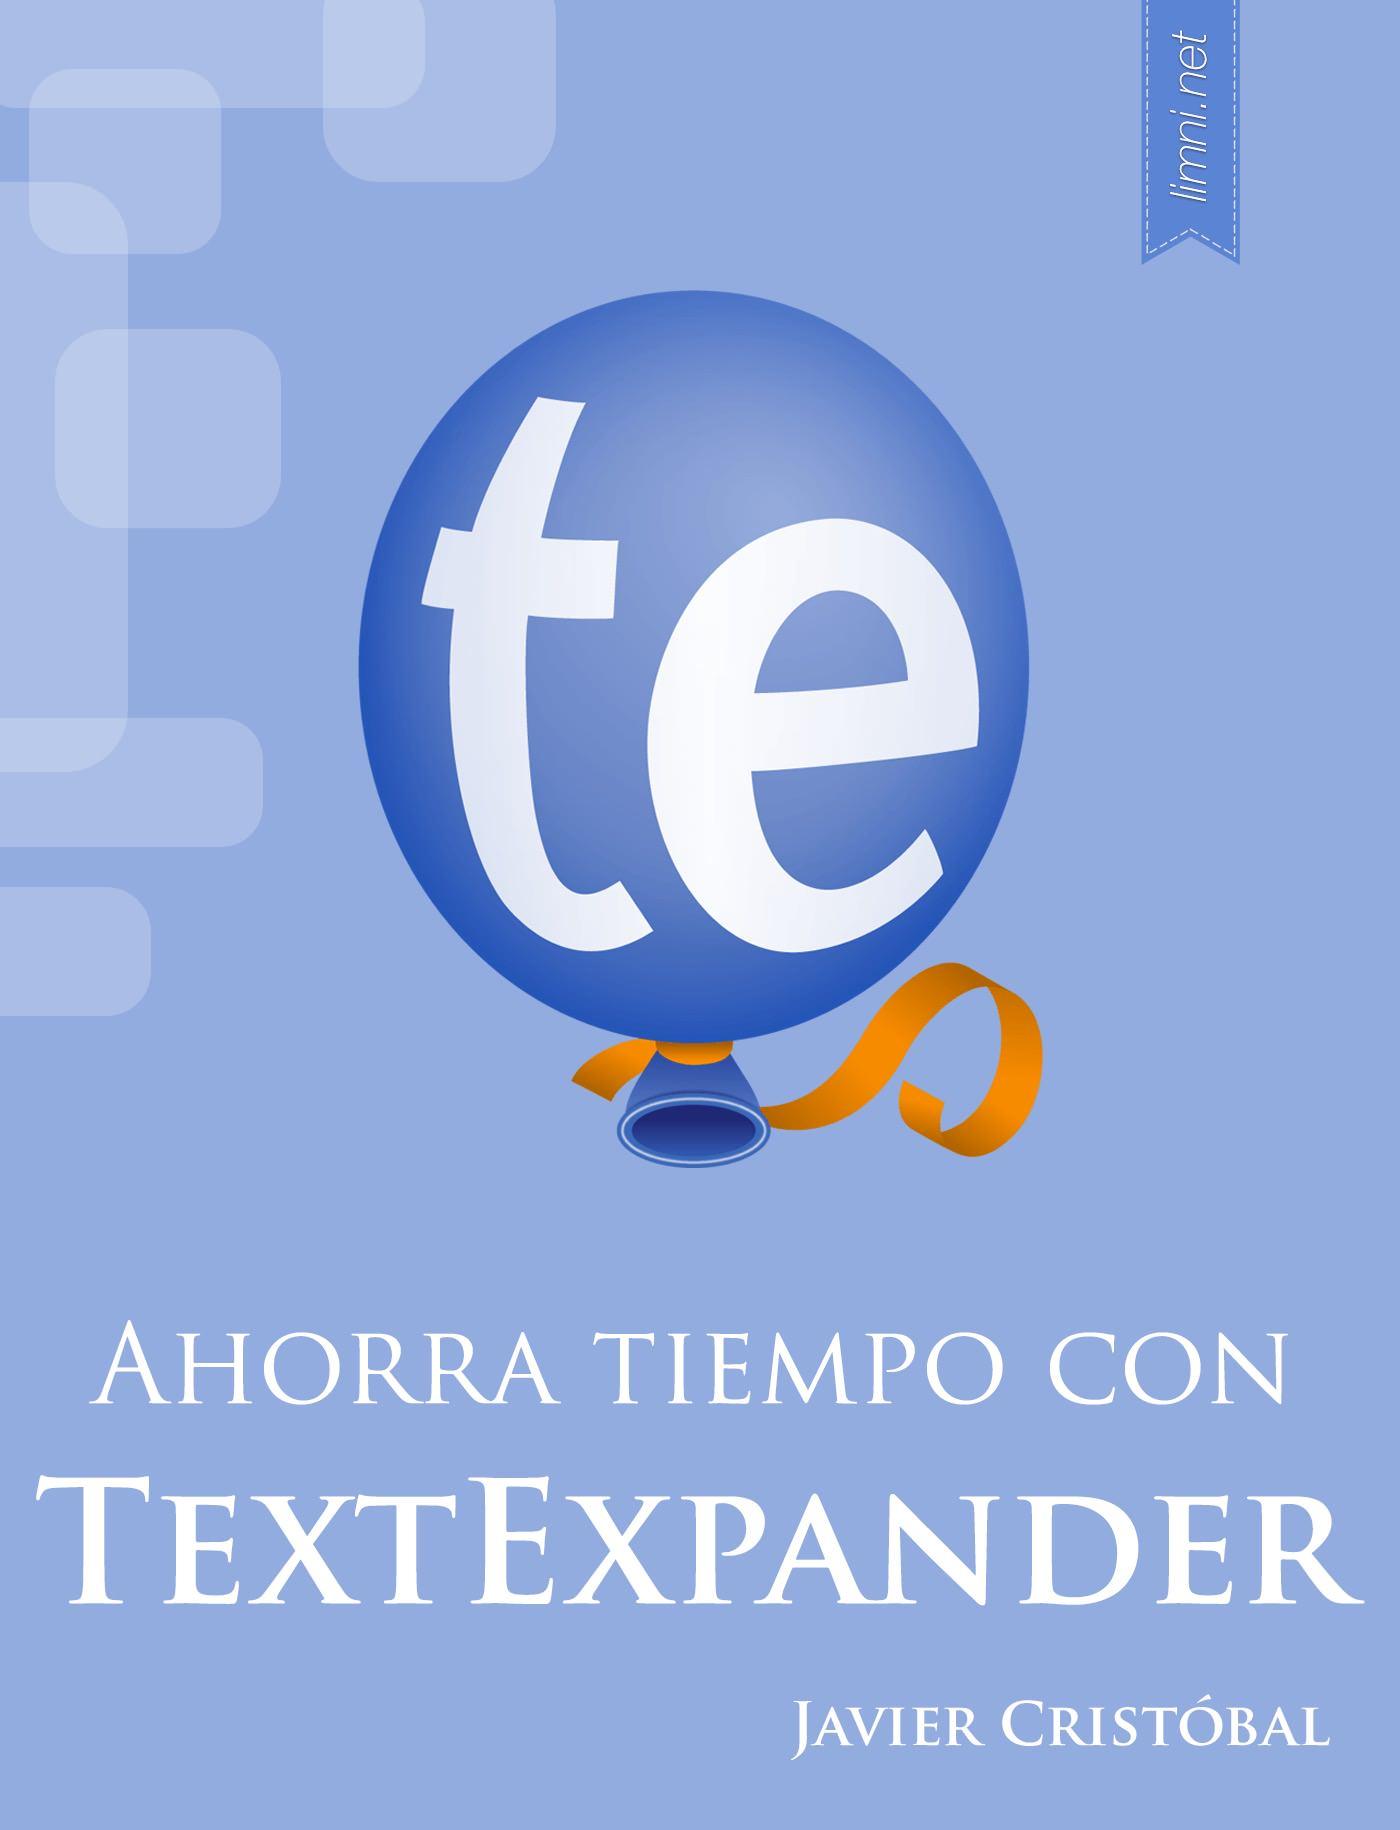 Ahorra tiempo con TextExpander cover